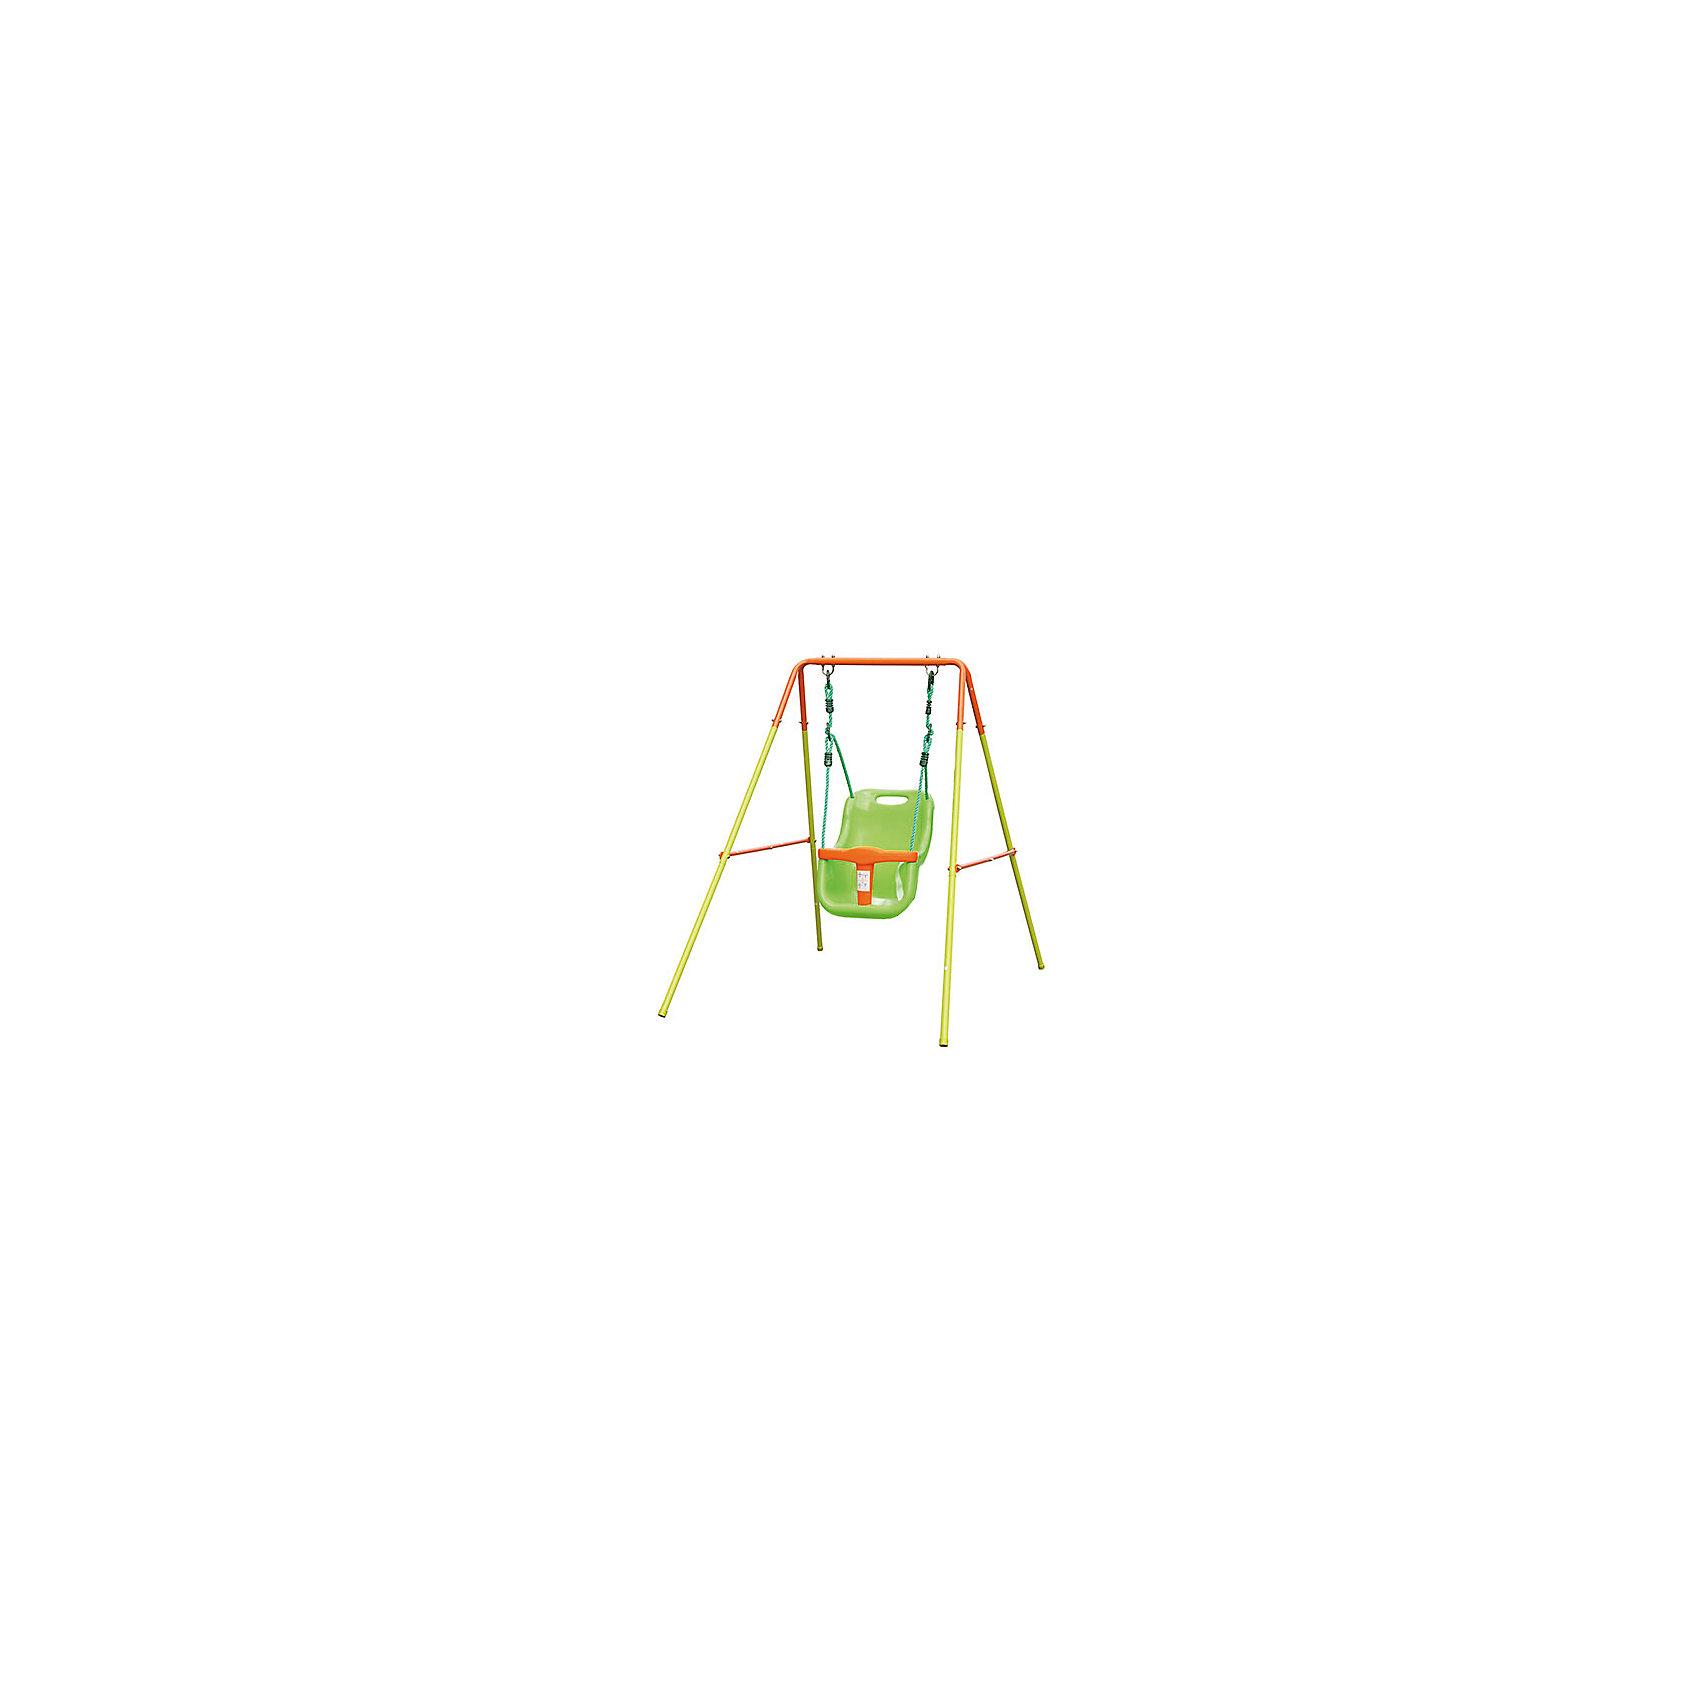 Качели, J&amp;SКачели и качалки<br>Характеристики товара:<br><br>• габаритные размеры (ДхШхВ): 0,96х1,46х1,2м<br>• каркас: сталь Ф28/22/16/22мм (порошковое напыление);<br>• сидение: полипропилен<br>• вес: 6,8кг <br>• страна-производитель: Китай<br>• упаковка: цветная коробка<br>• габариты изделия в упаковке: 0,45х0,3х0,68м<br><br>Предназначены только для частного использования на улице для детей  возрастом от 6 до 24-х месяцев с максимальным весом 15 кг.<br><br>Качели упакованы в цветную коробку с удобной ручкой для переноски.<br><br>Качели для малышей можно купить в нашем интернет-магазине.<br><br>Ширина мм: 680<br>Глубина мм: 450<br>Высота мм: 300<br>Вес г: 6800<br>Возраст от месяцев: 36<br>Возраст до месяцев: 2147483647<br>Пол: Унисекс<br>Возраст: Детский<br>SKU: 5574431